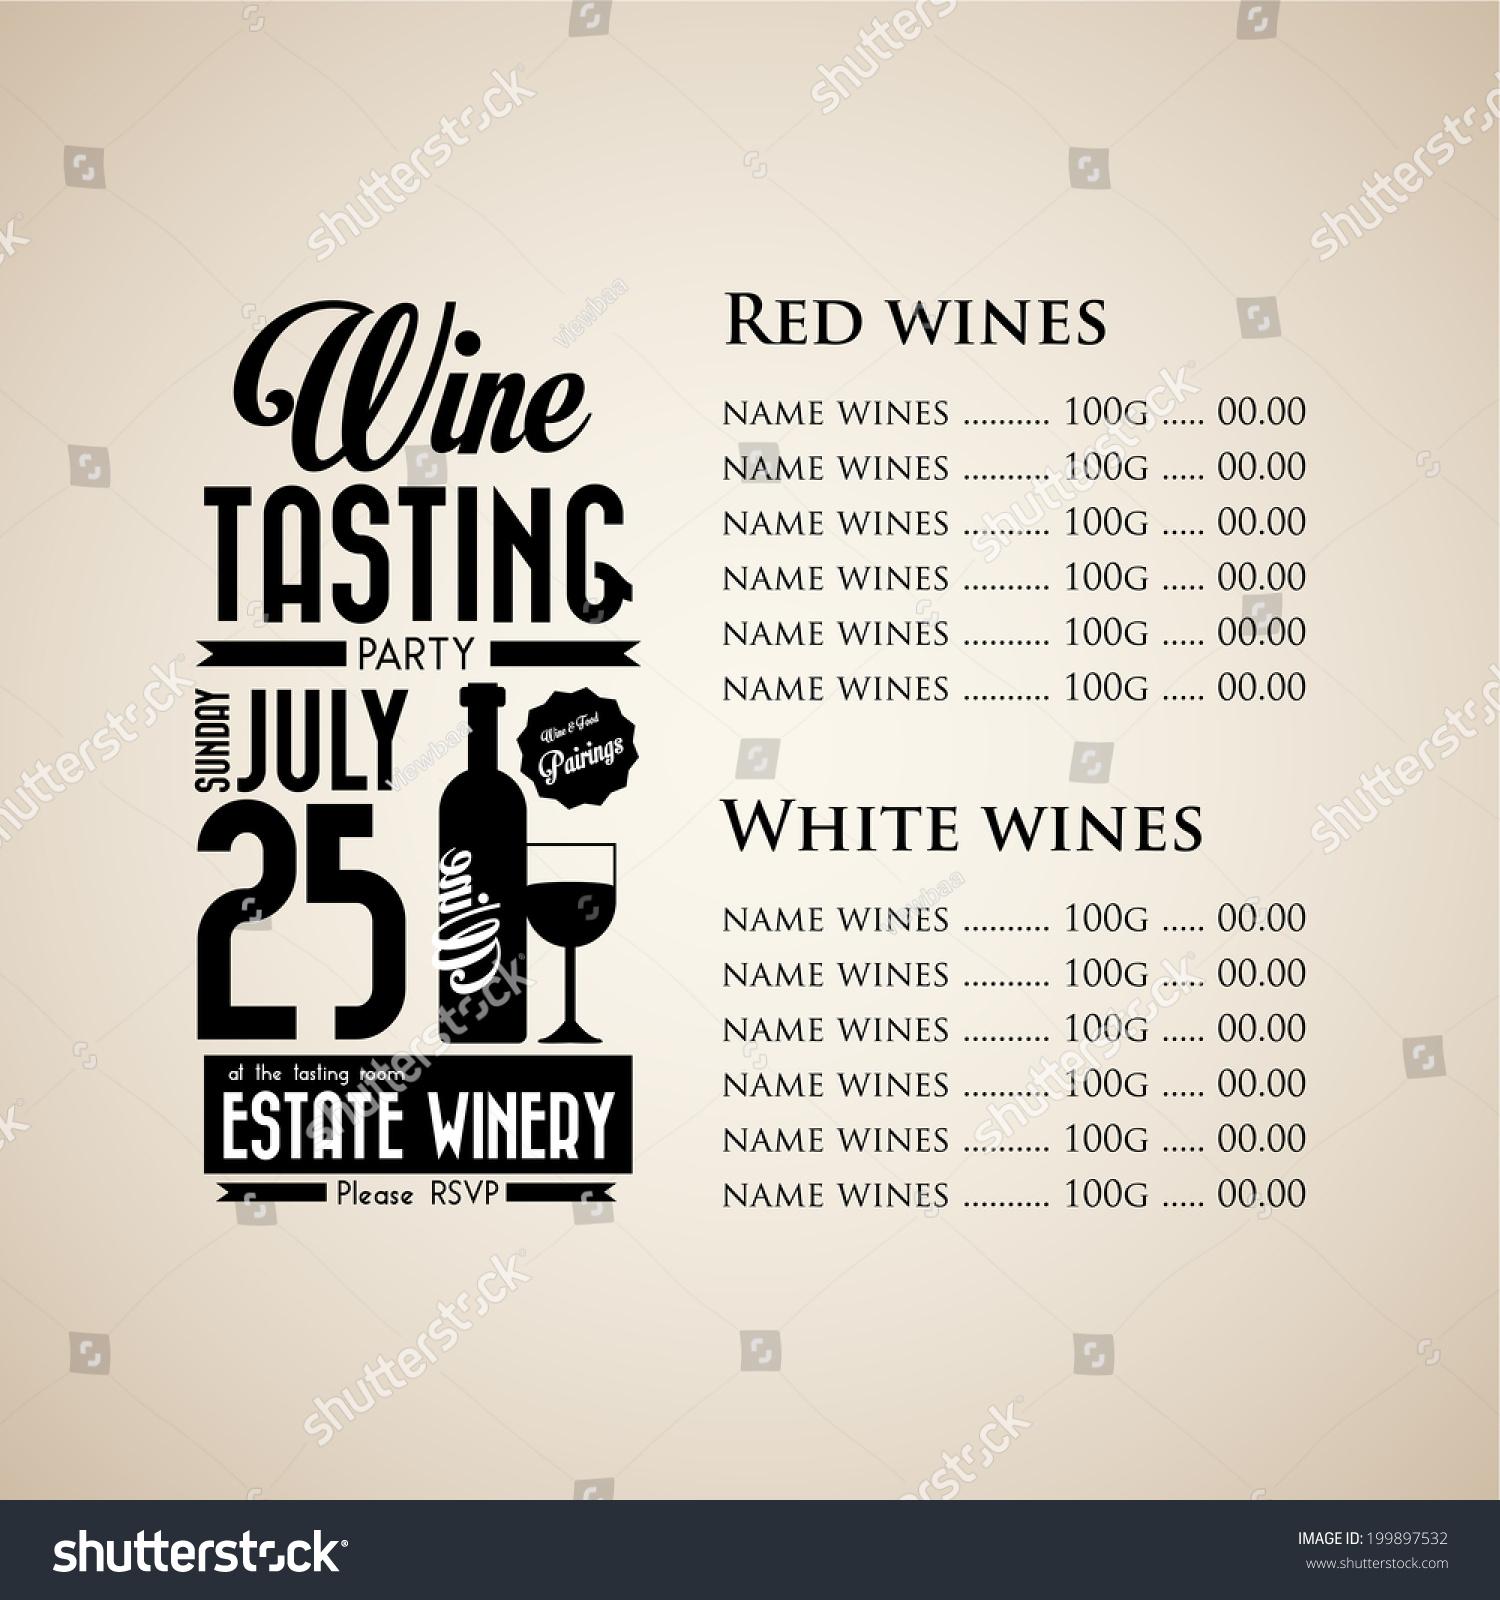 Vintage Wine Tasting Party Invitation Menu Vector 199897532 – Wine Tasting Party Invitation